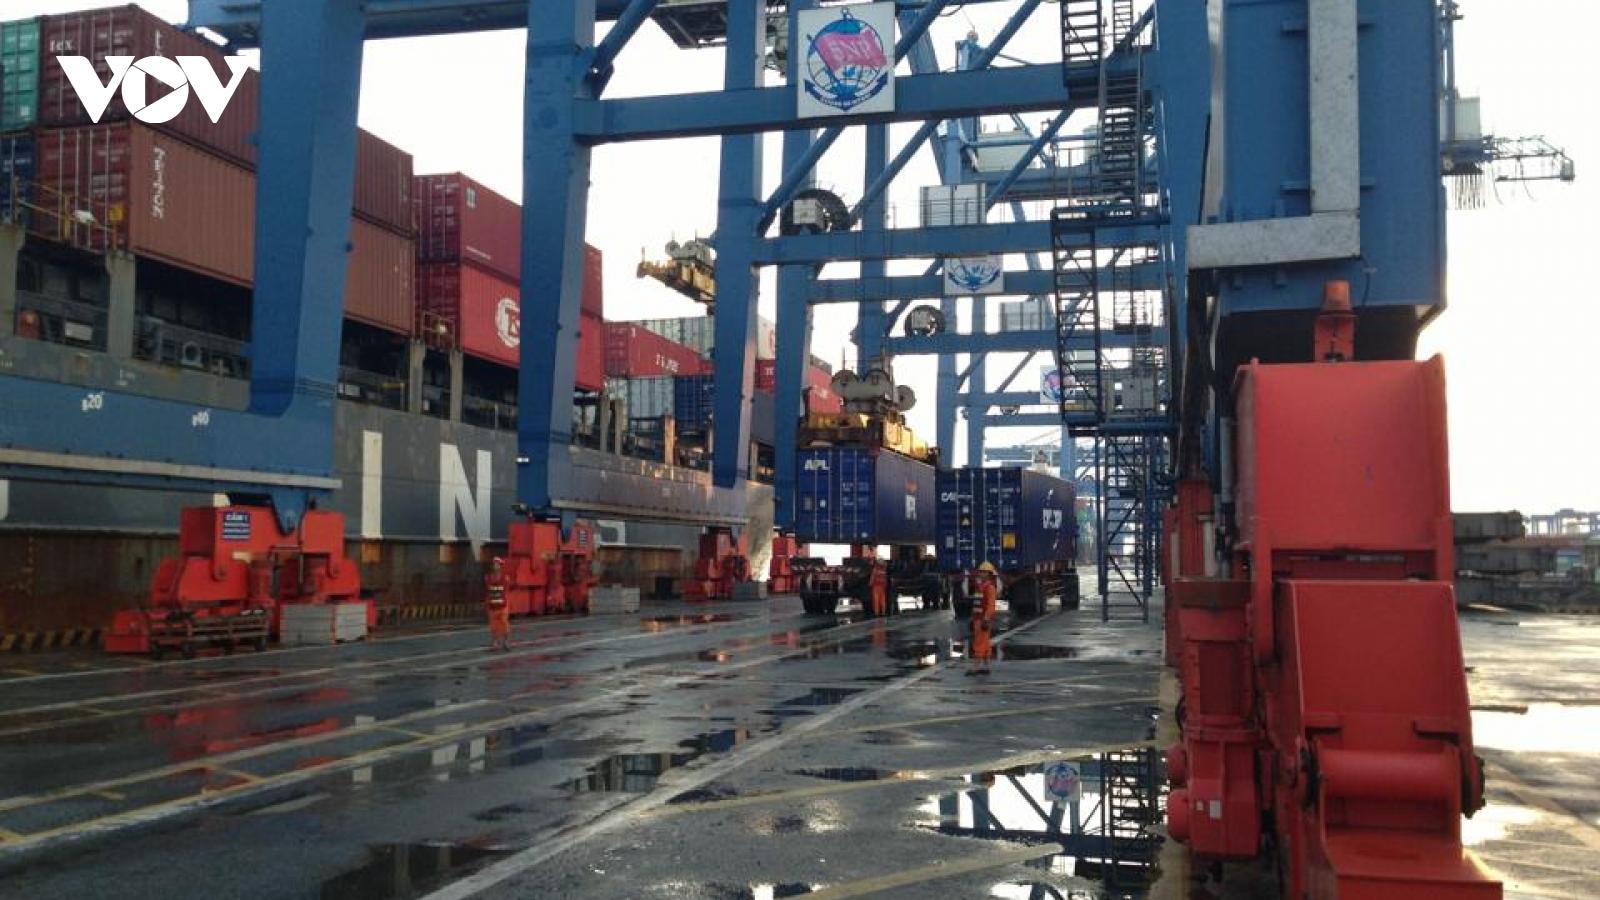 Cước vận tải biển tăng cao: Các hãng tàu cần minh bạch giá